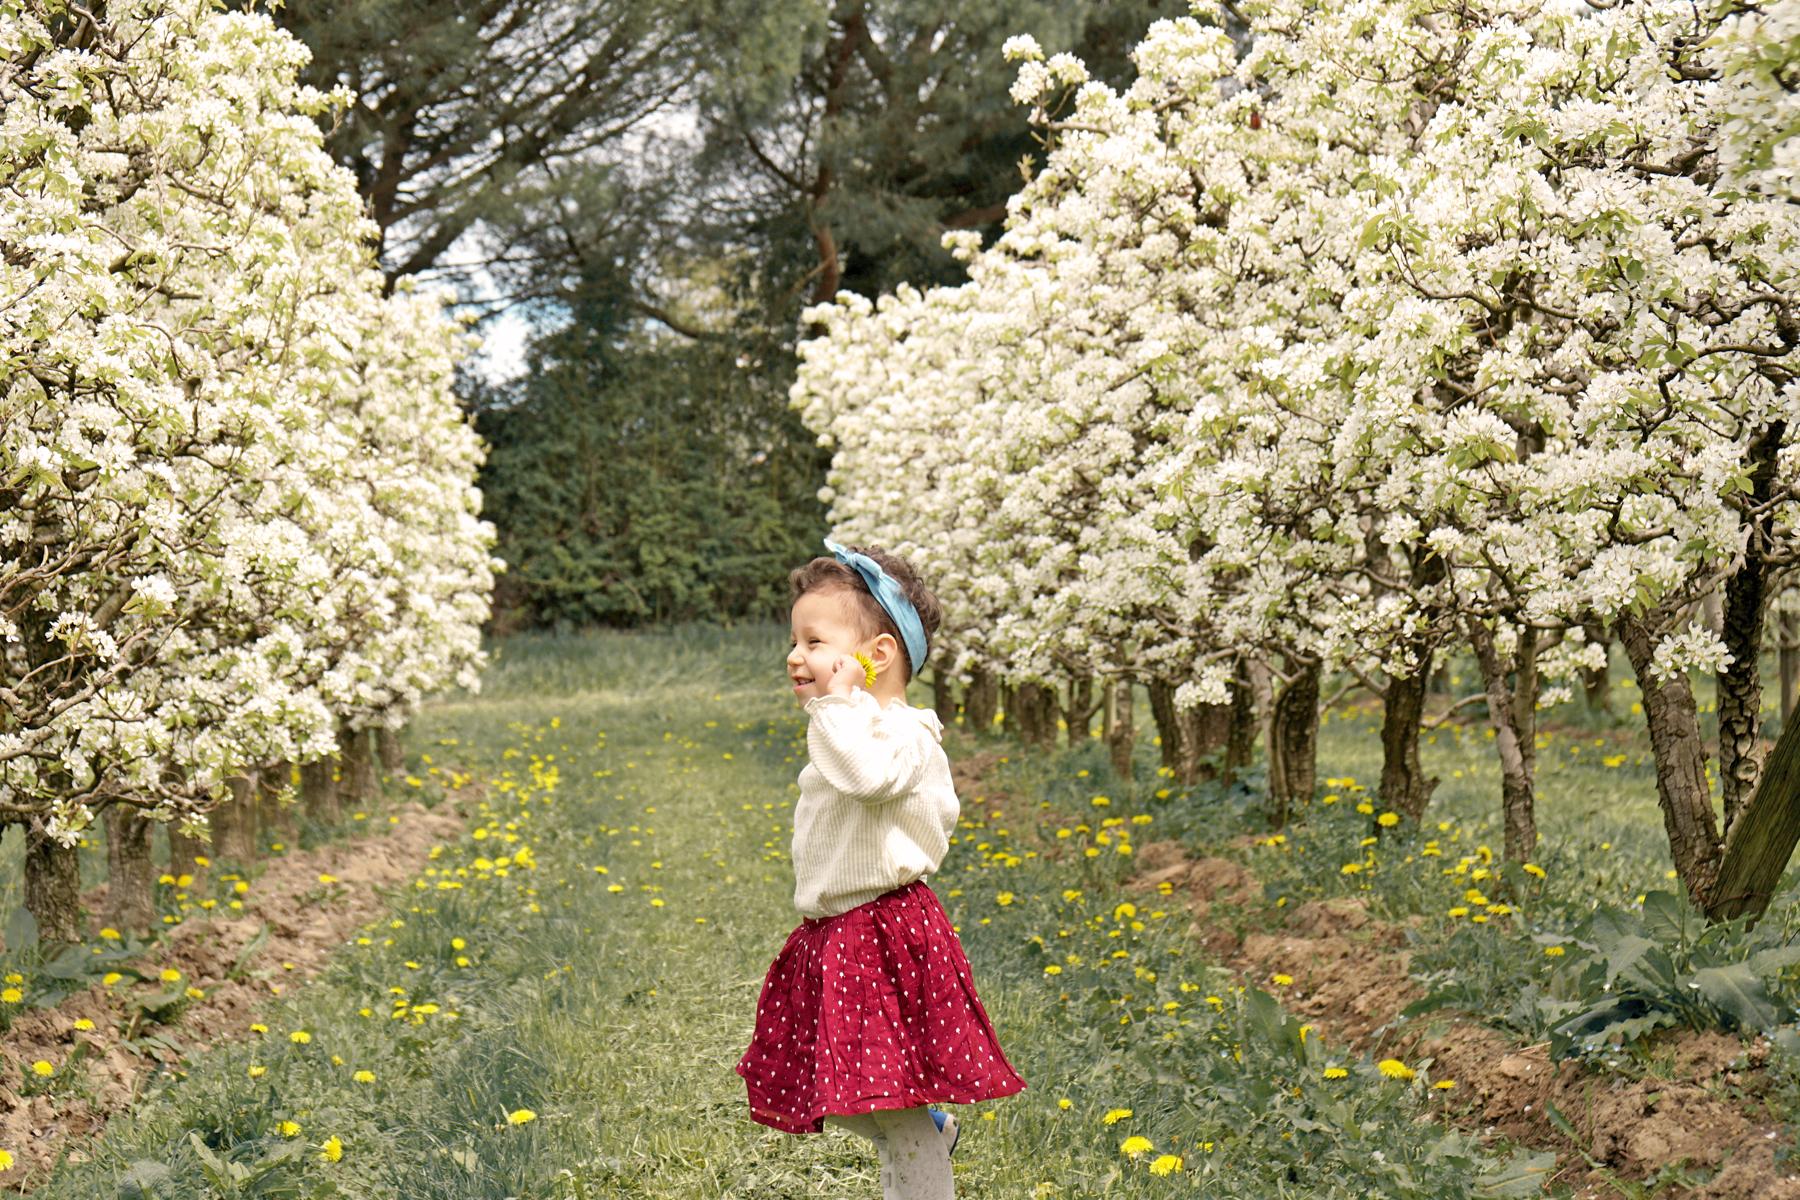 Petite fille au milieu des arbres fruitiers